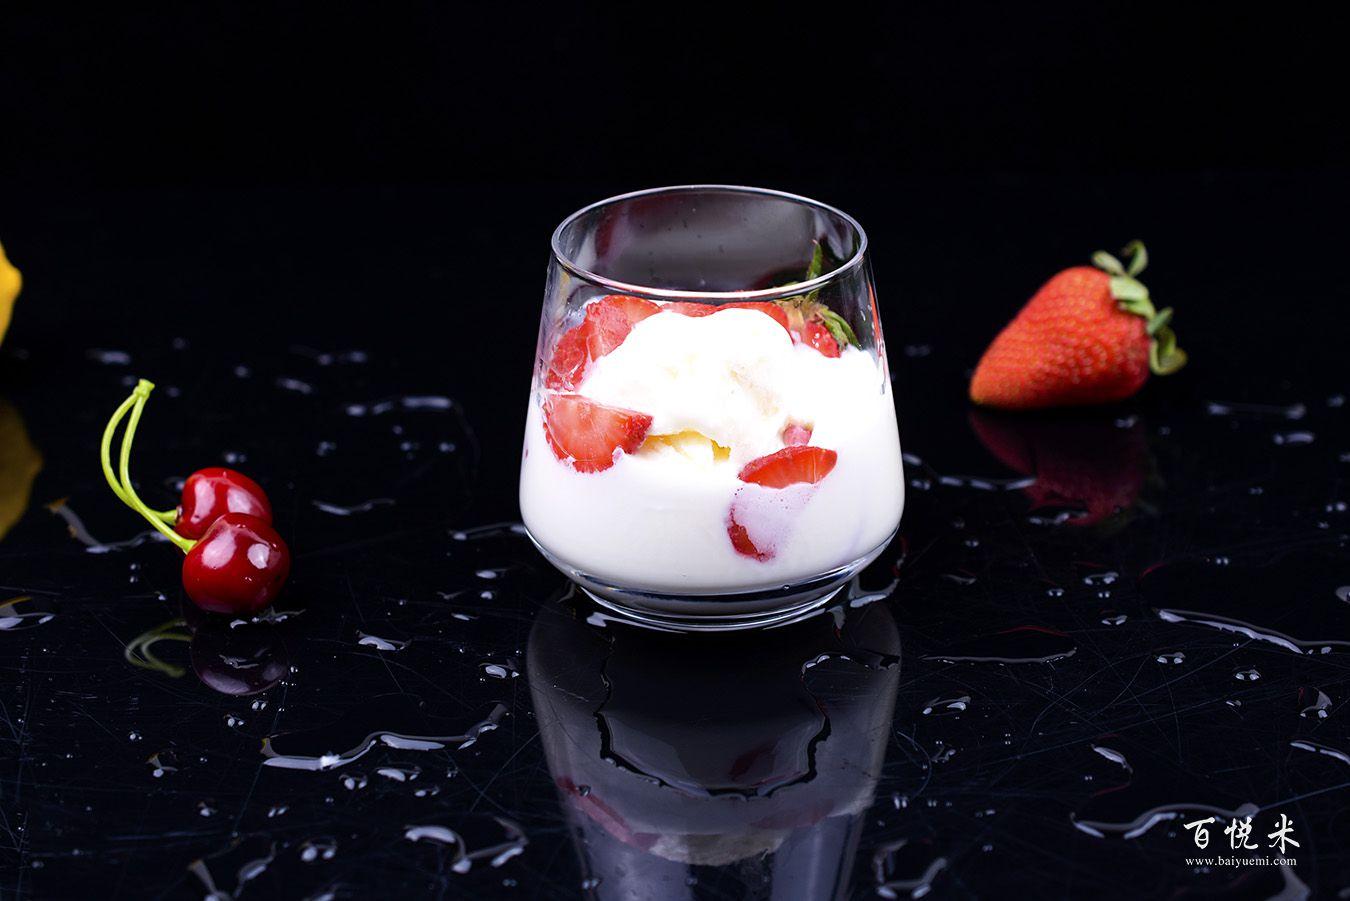 香草冰淇淋高清图片大全【蛋糕图片】